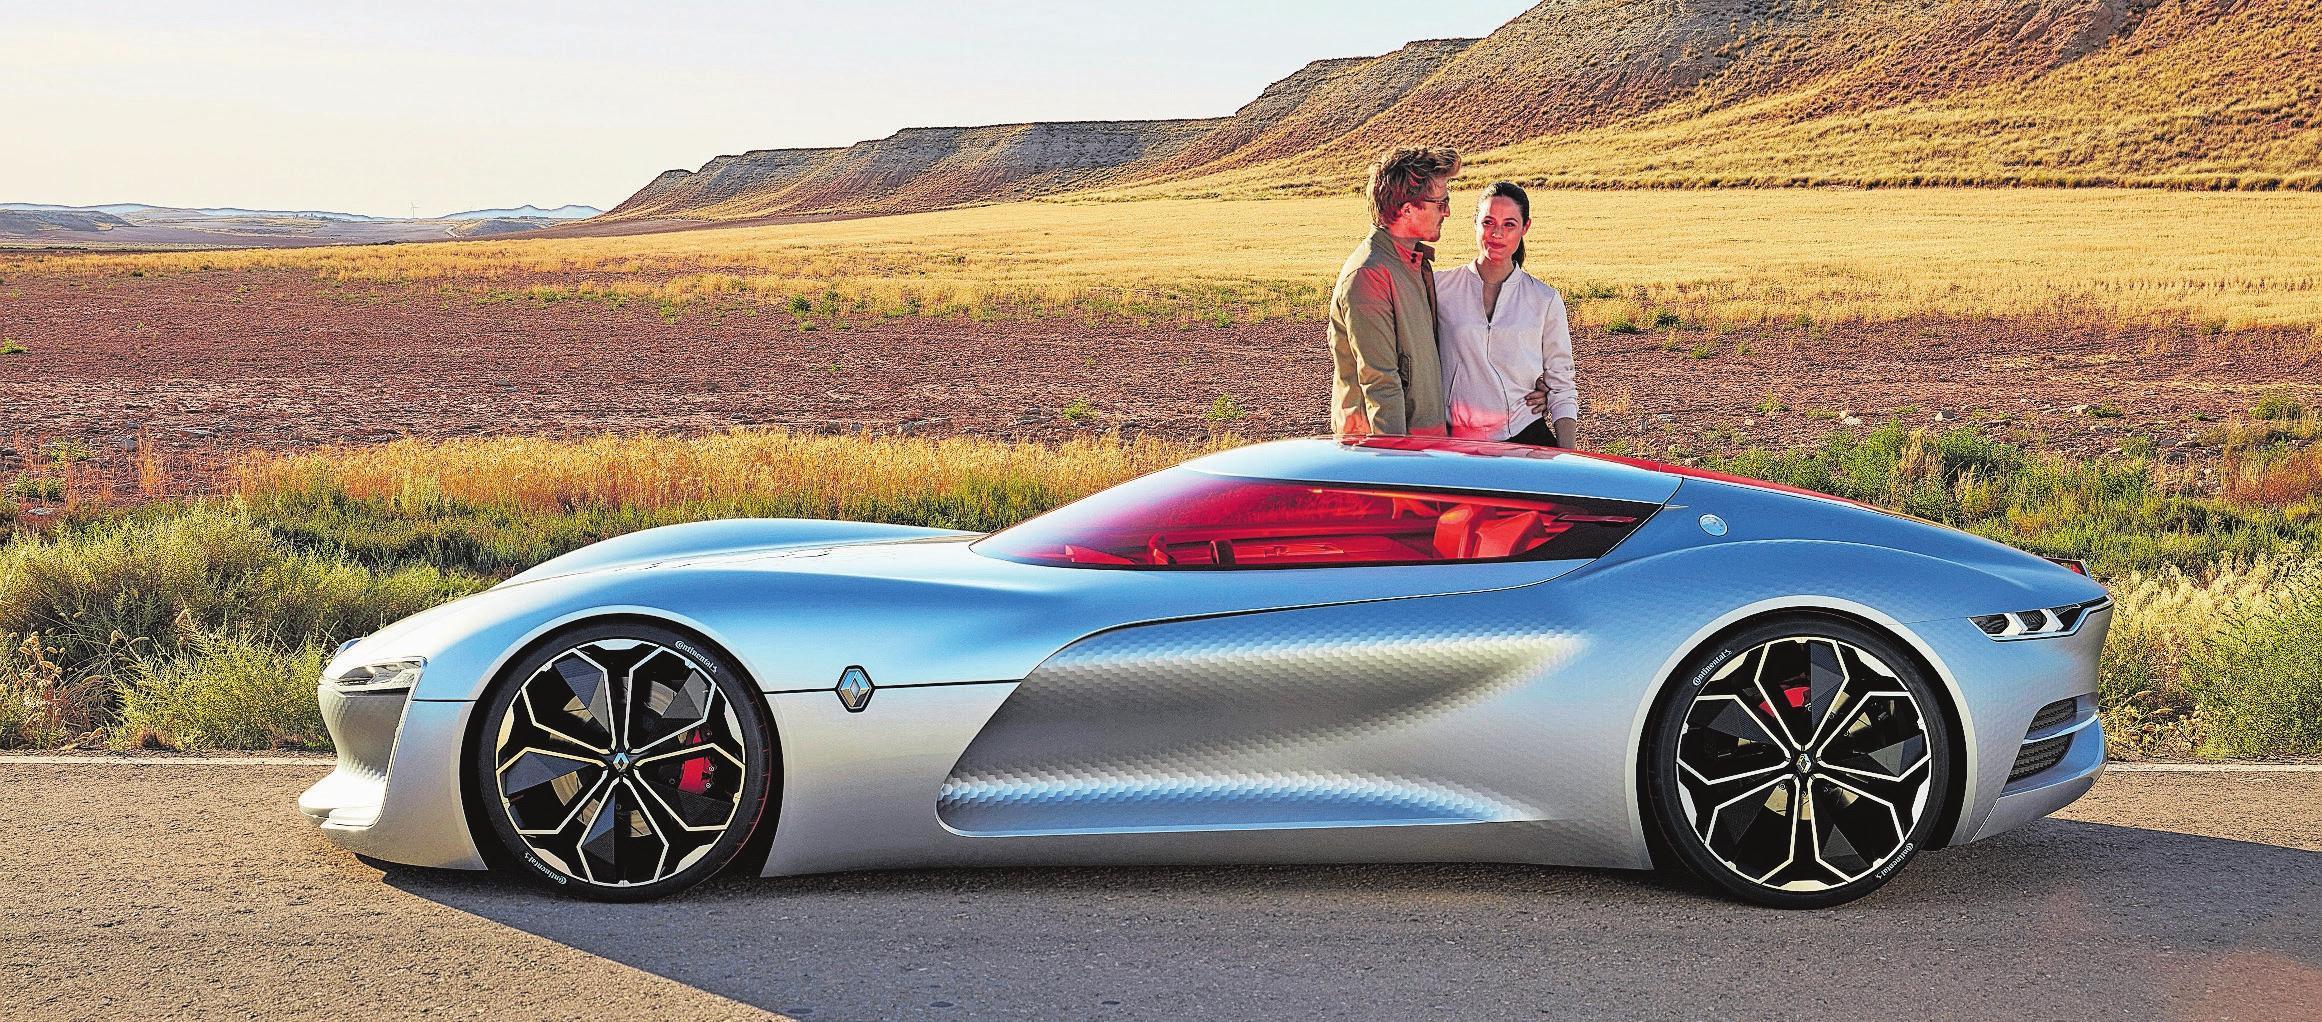 Visionäre Studie ohne Bezug zur Realität: Der bildschöne Renault Trezor von 2016 wurde nie gebaut. Bild: PD